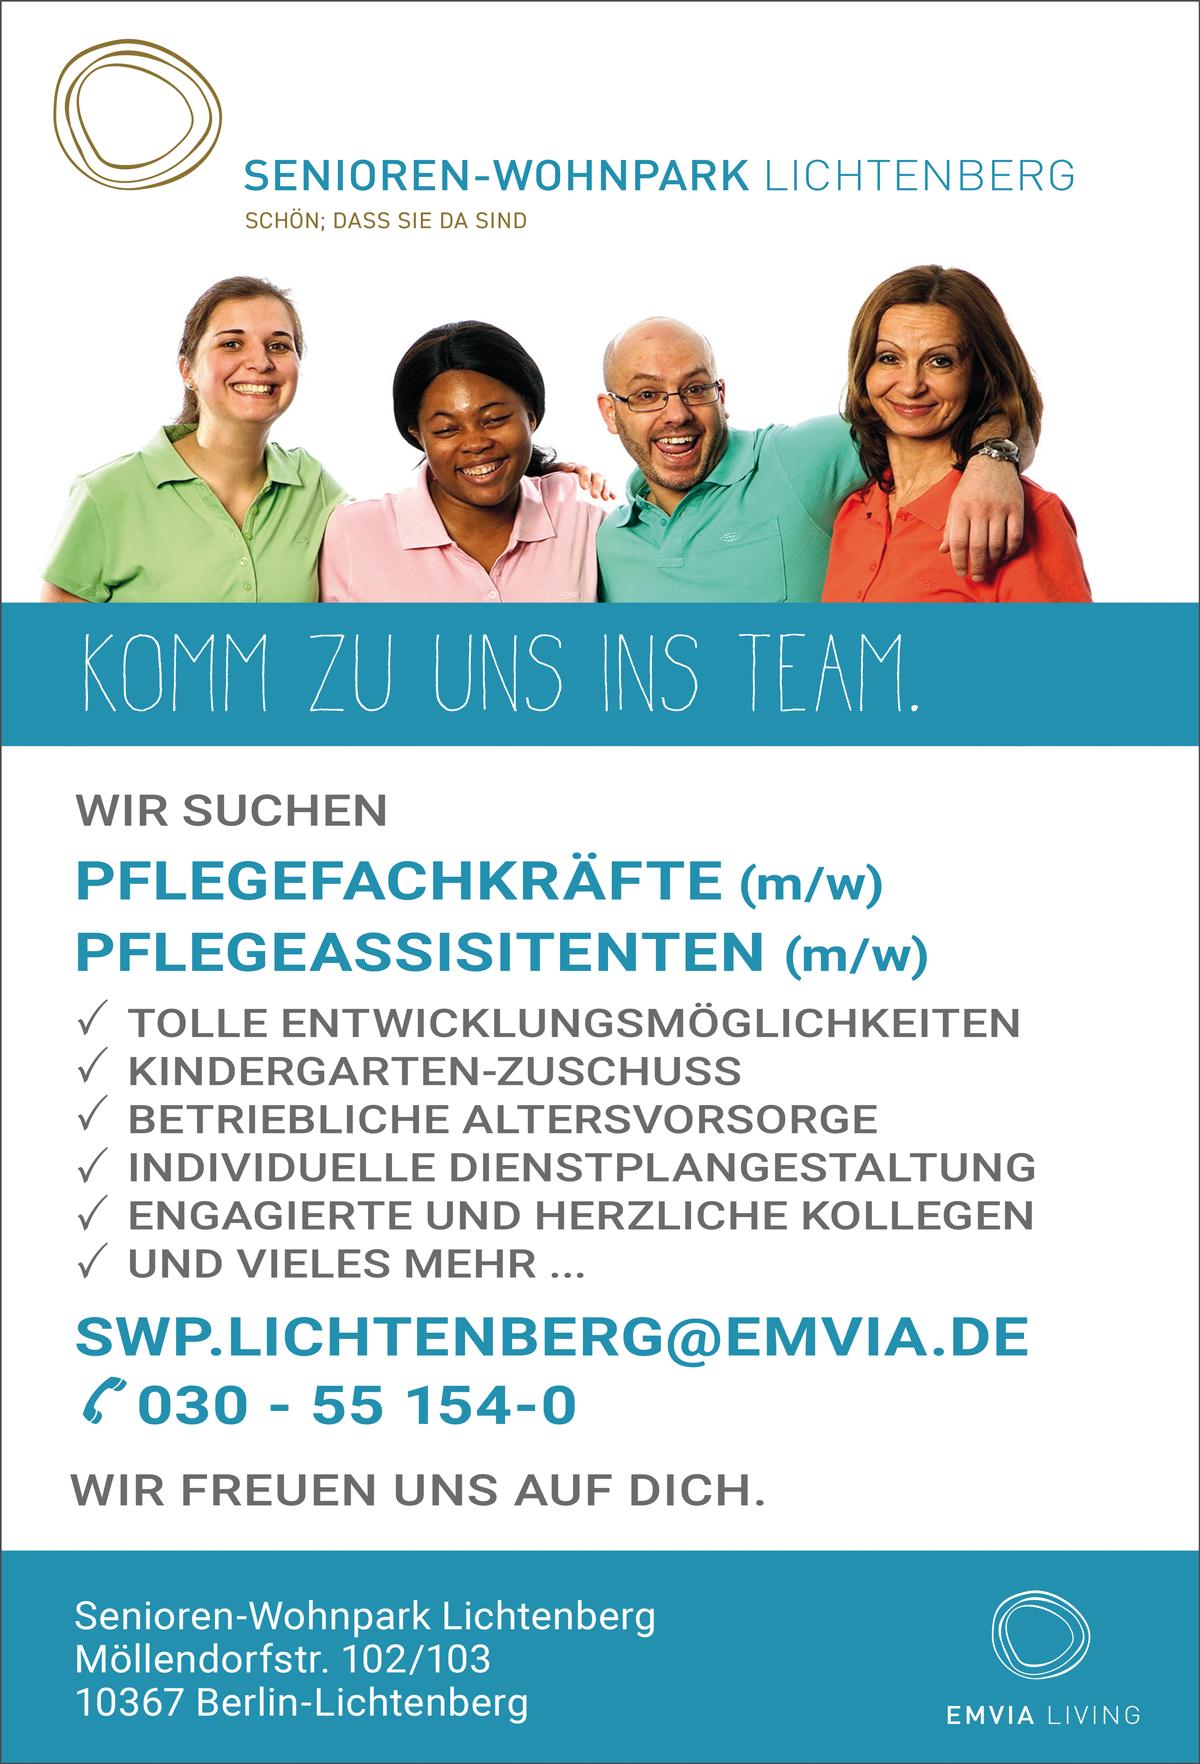 Pflegefachkräfte m/w  Pflegeassistenten m/w  in Berlin - Senioren -Wohnpark Lichtenberg - in Berlin - stellenecho.de